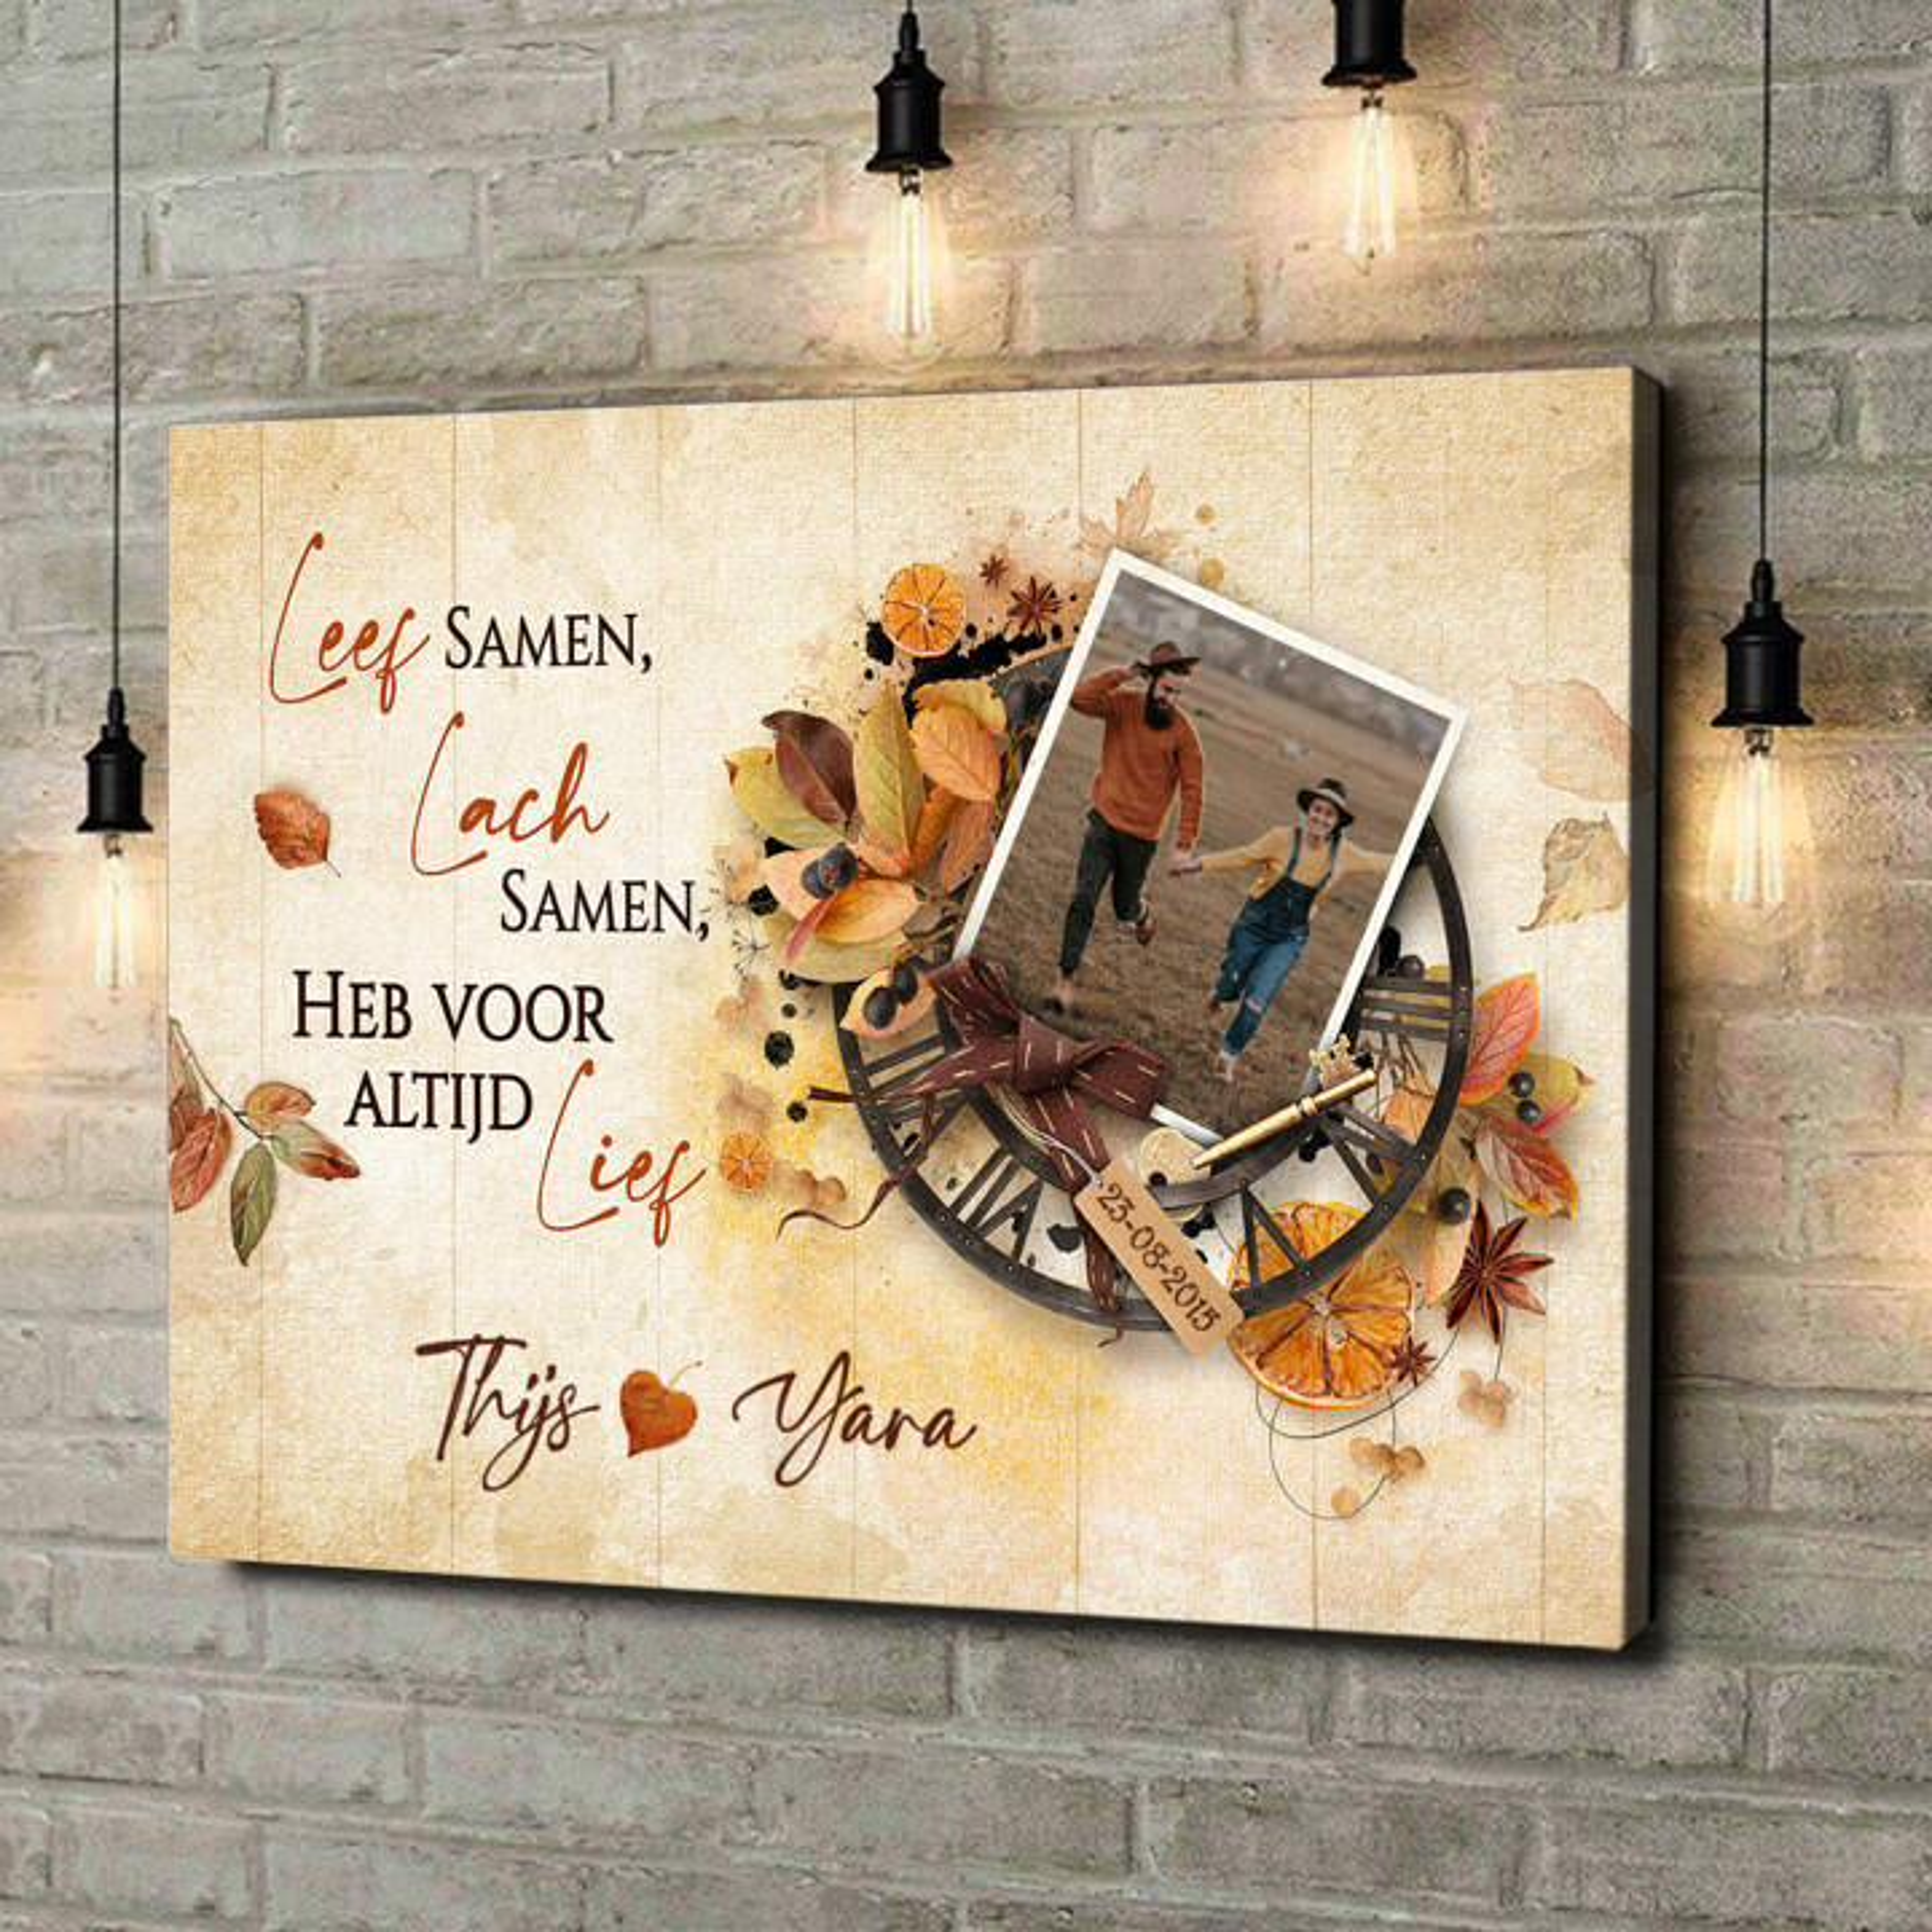 Gepersonaliseerde canvas print Leven, lachen, liefde